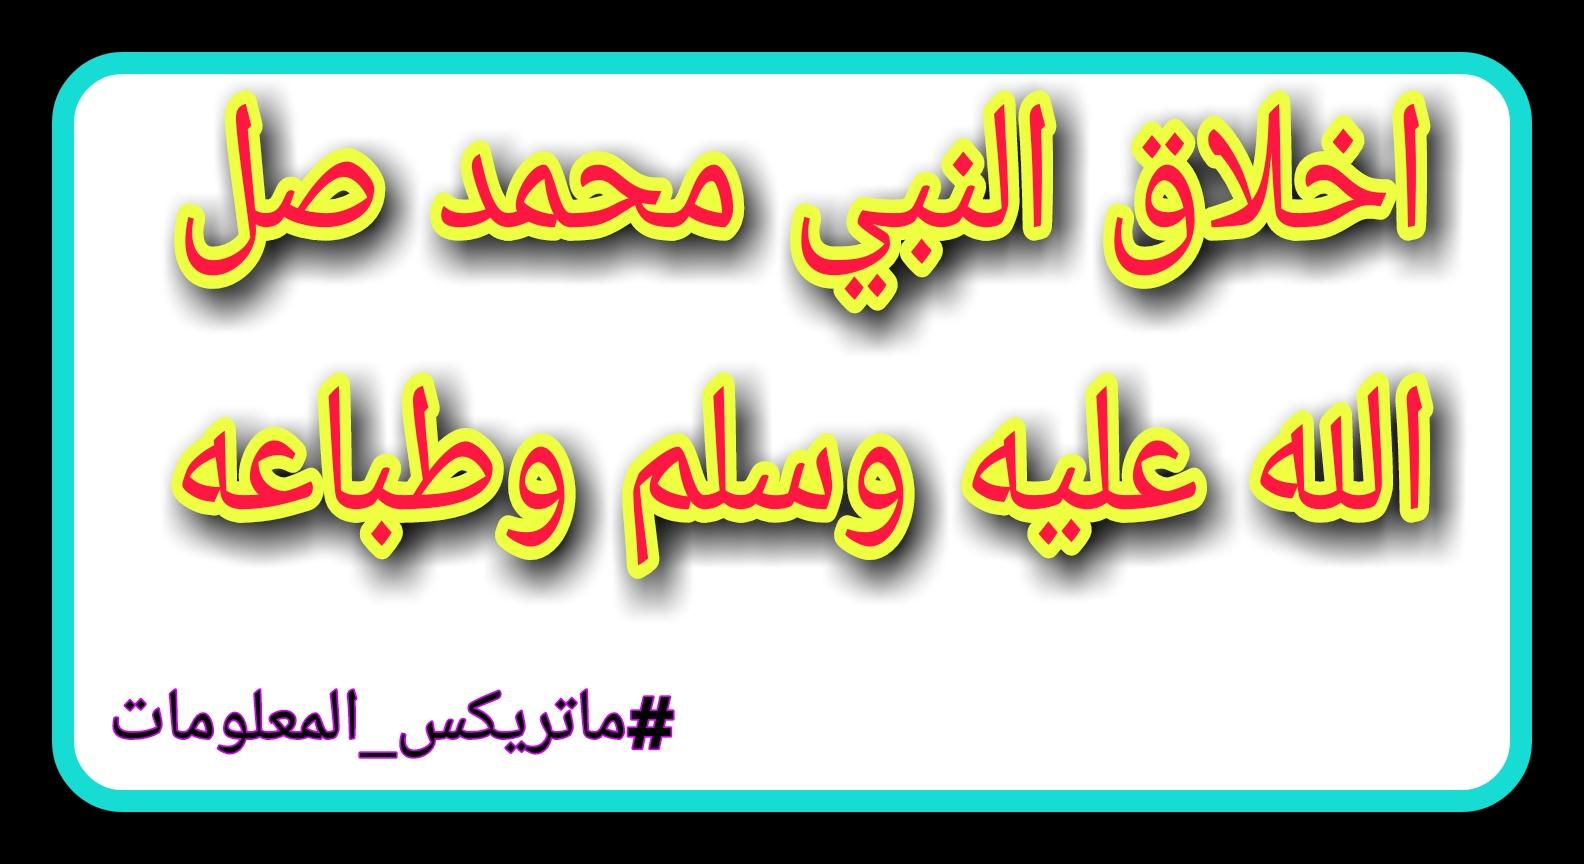 من اخلاق النبي محمد صلى الله عليه وآله وسلم | قصص الأنبياء | قصص الانبياء